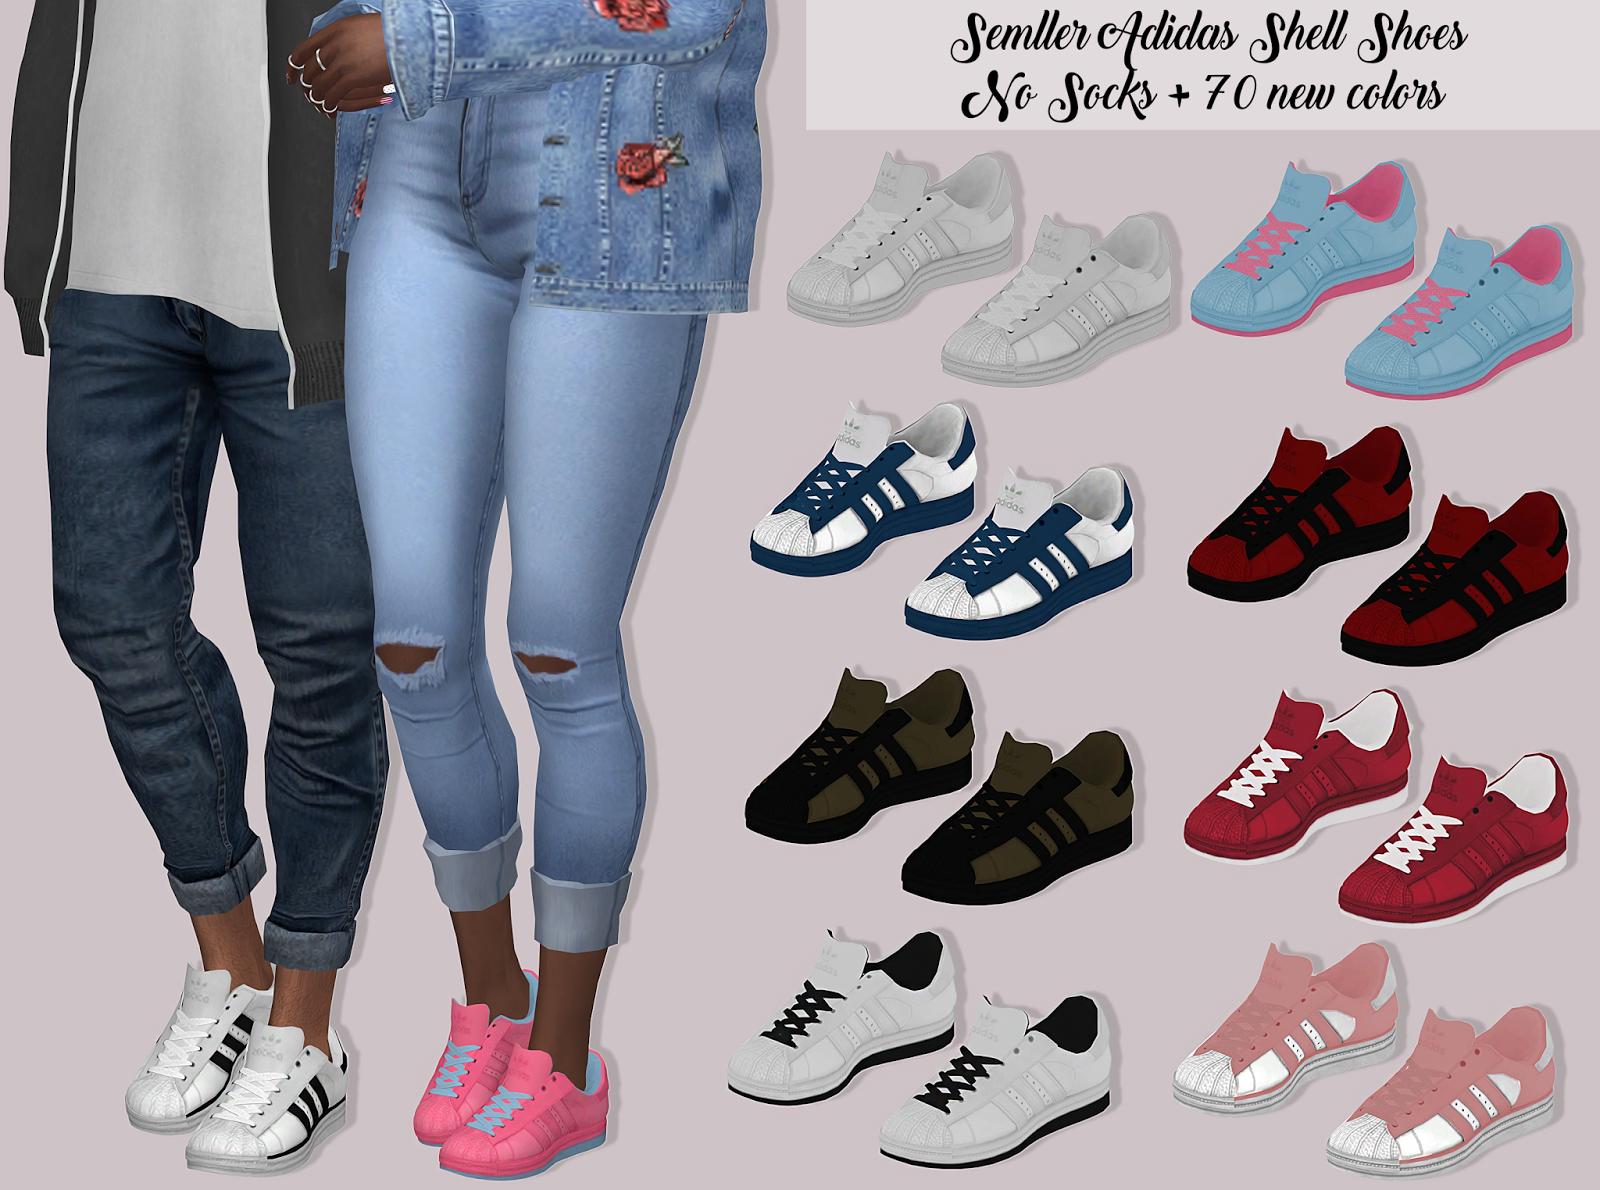 Женская обувь - Страница 2 Previewadidas